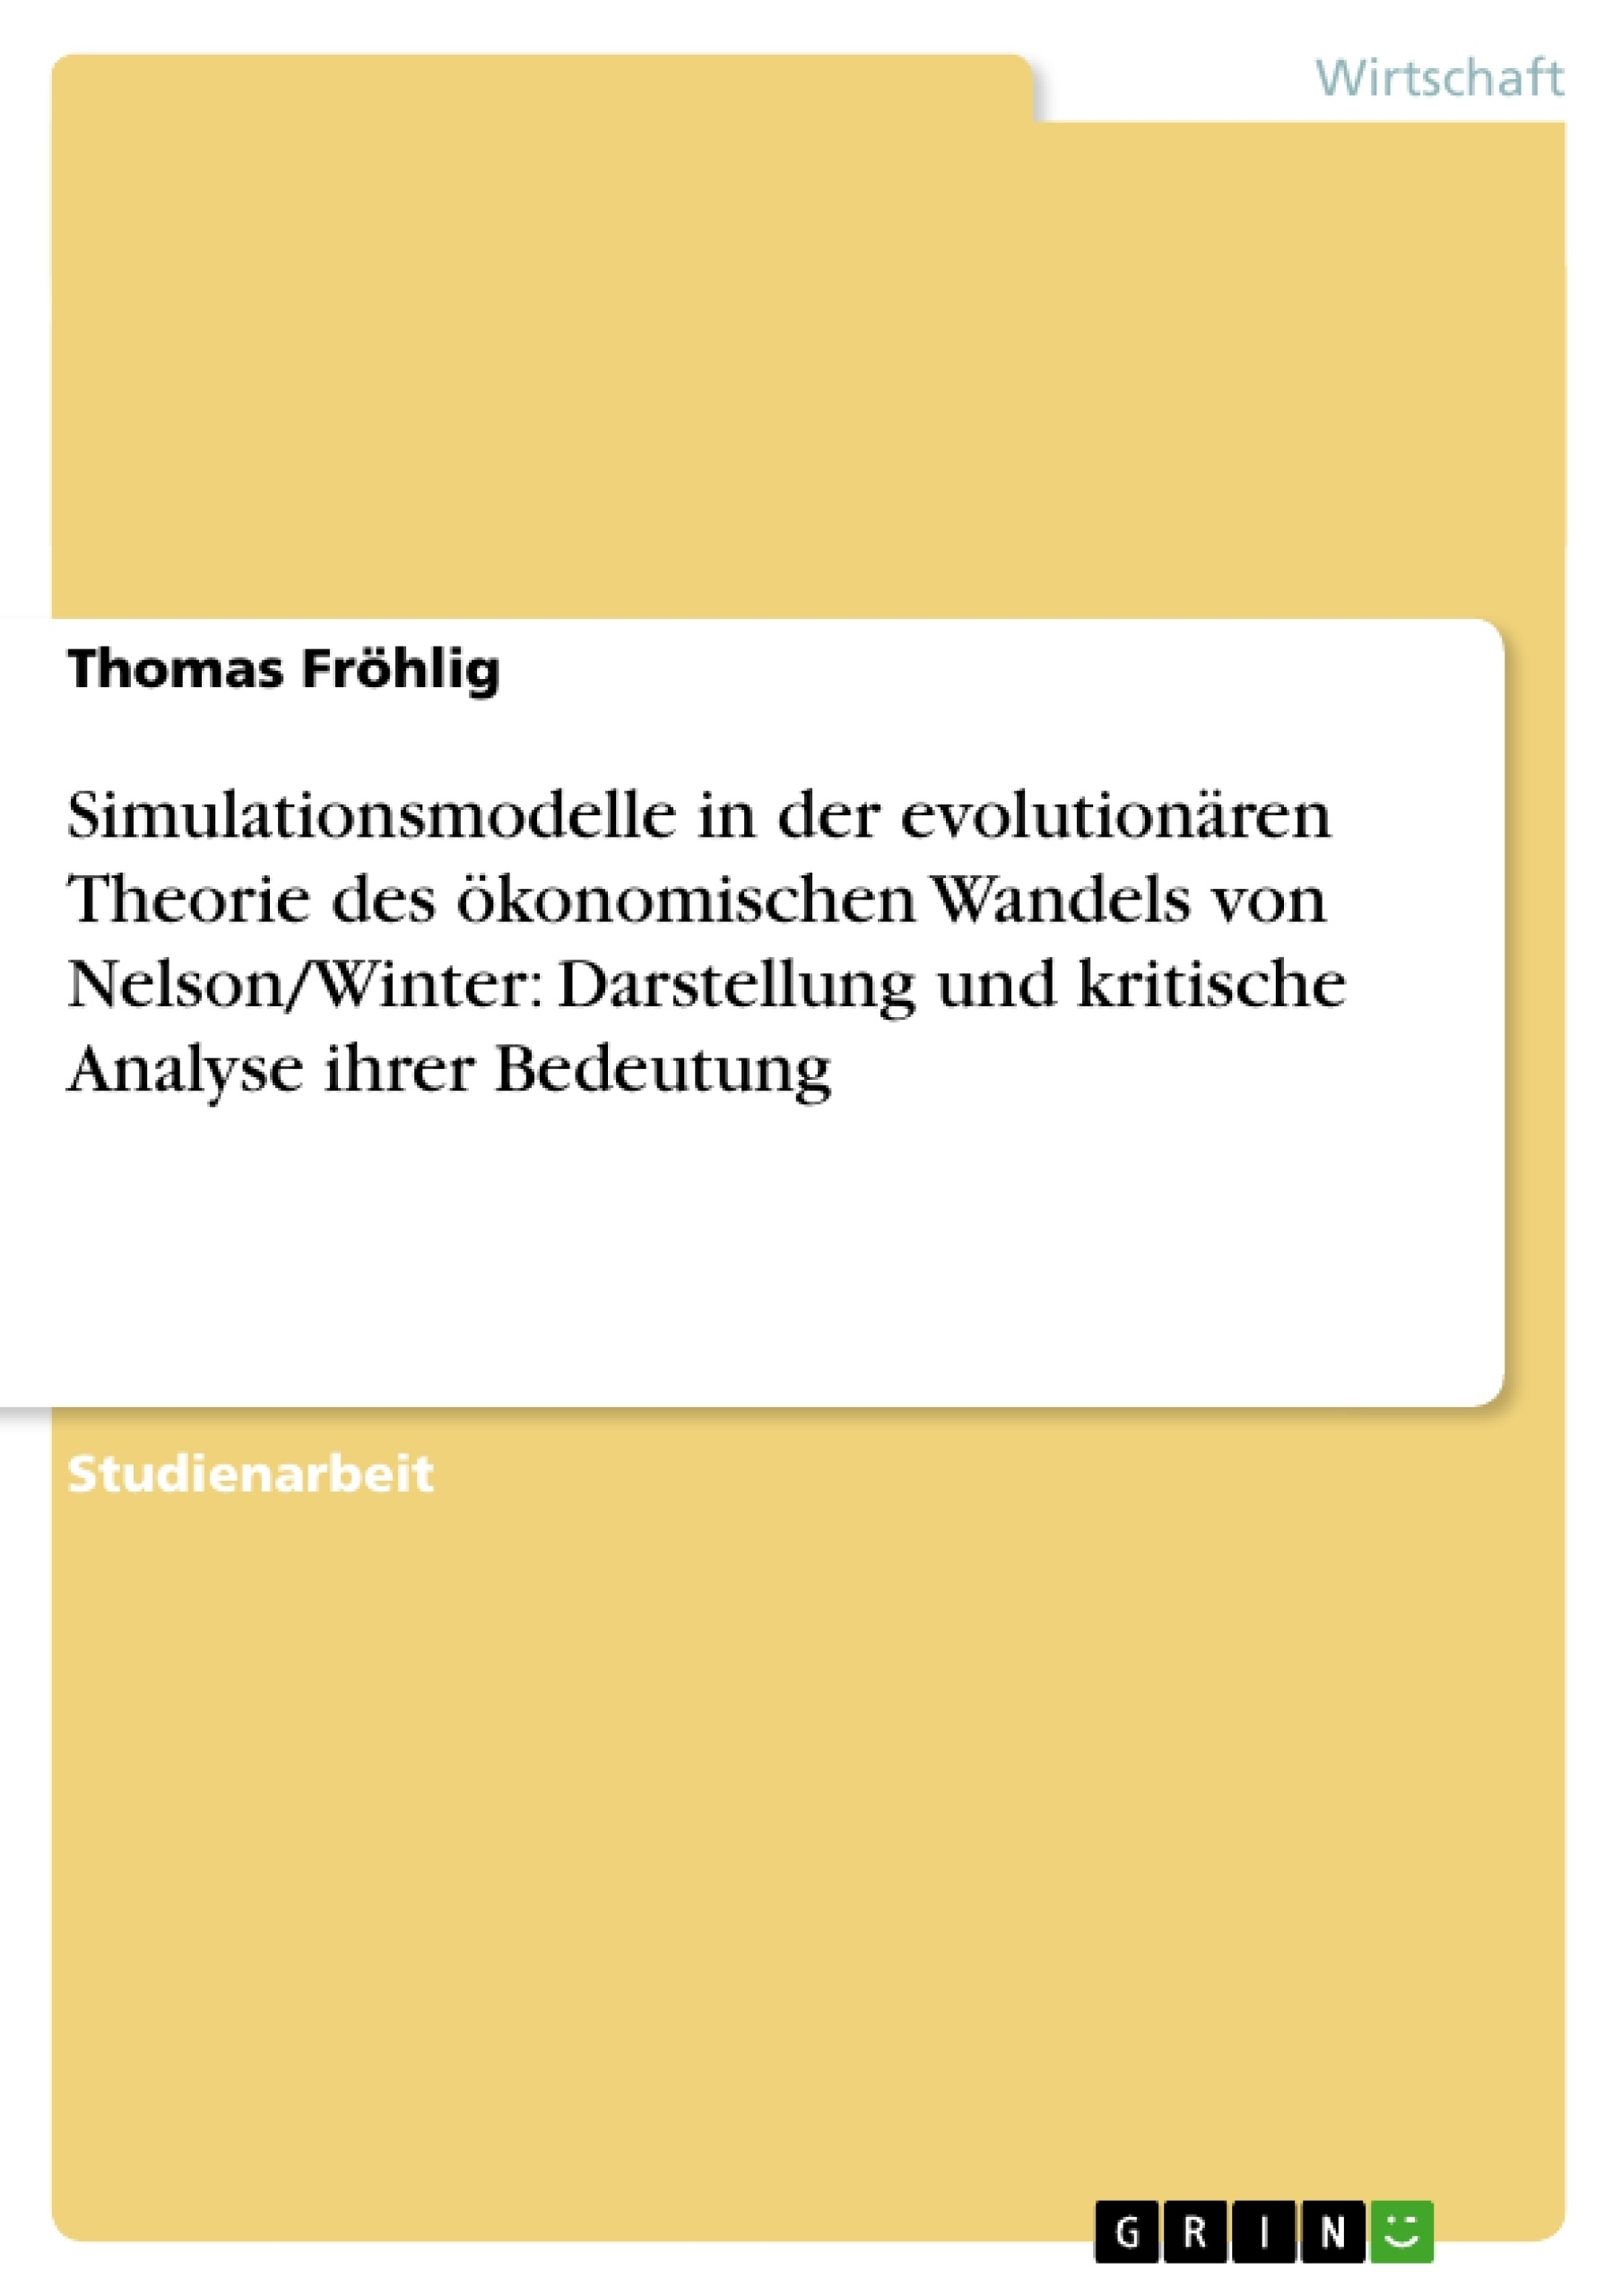 Titel: Simulationsmodelle in der evolutionären Theorie des ökonomischen Wandels von Nelson/Winter: Darstellung und kritische Analyse ihrer Bedeutung